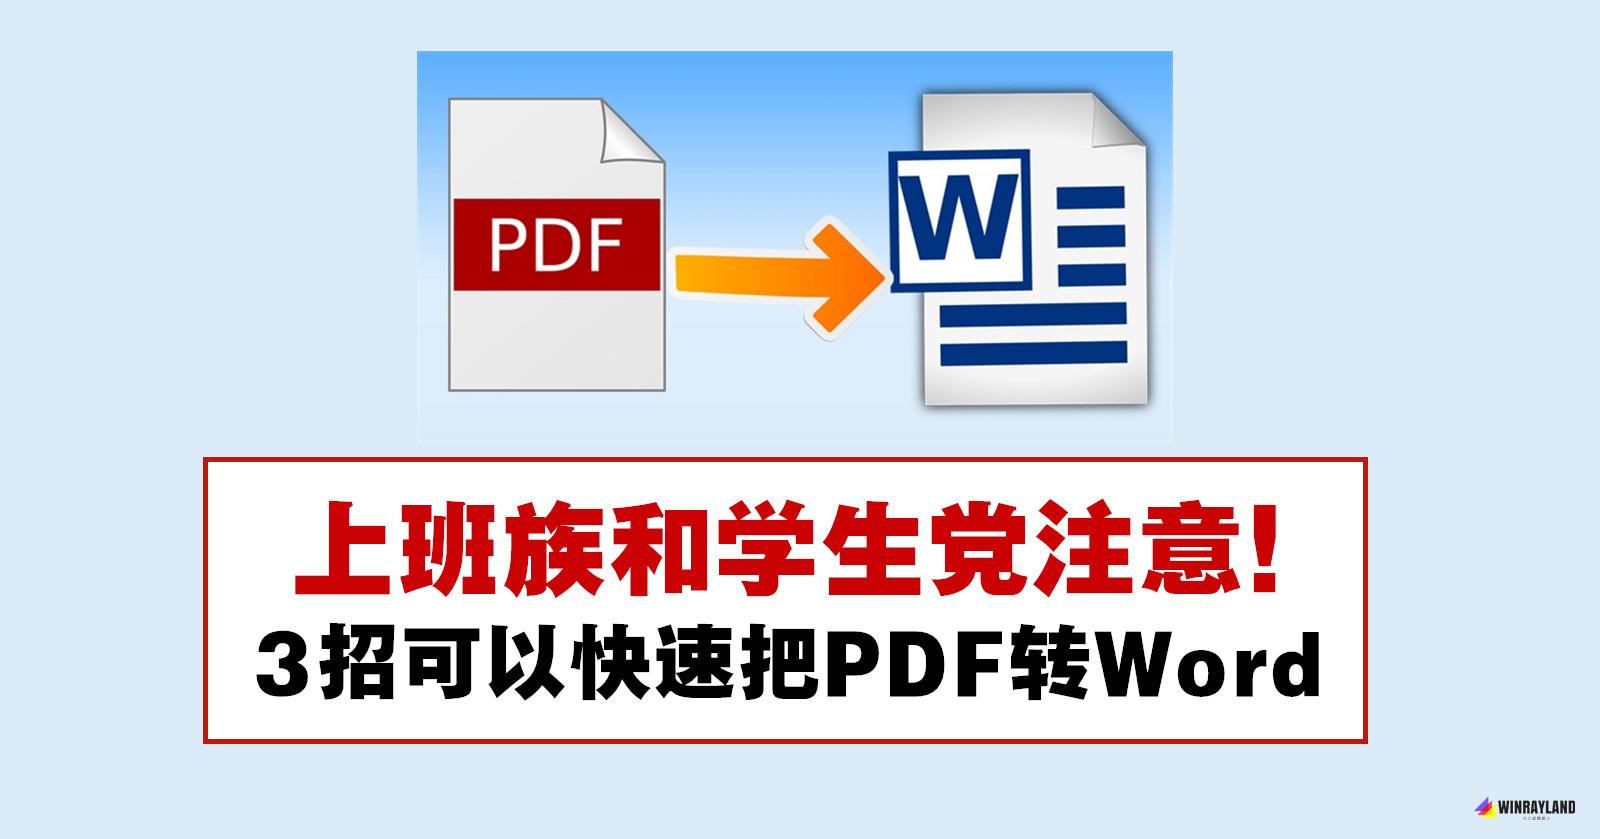 上班族和学生党注意!3招可以快速把PDF转Word